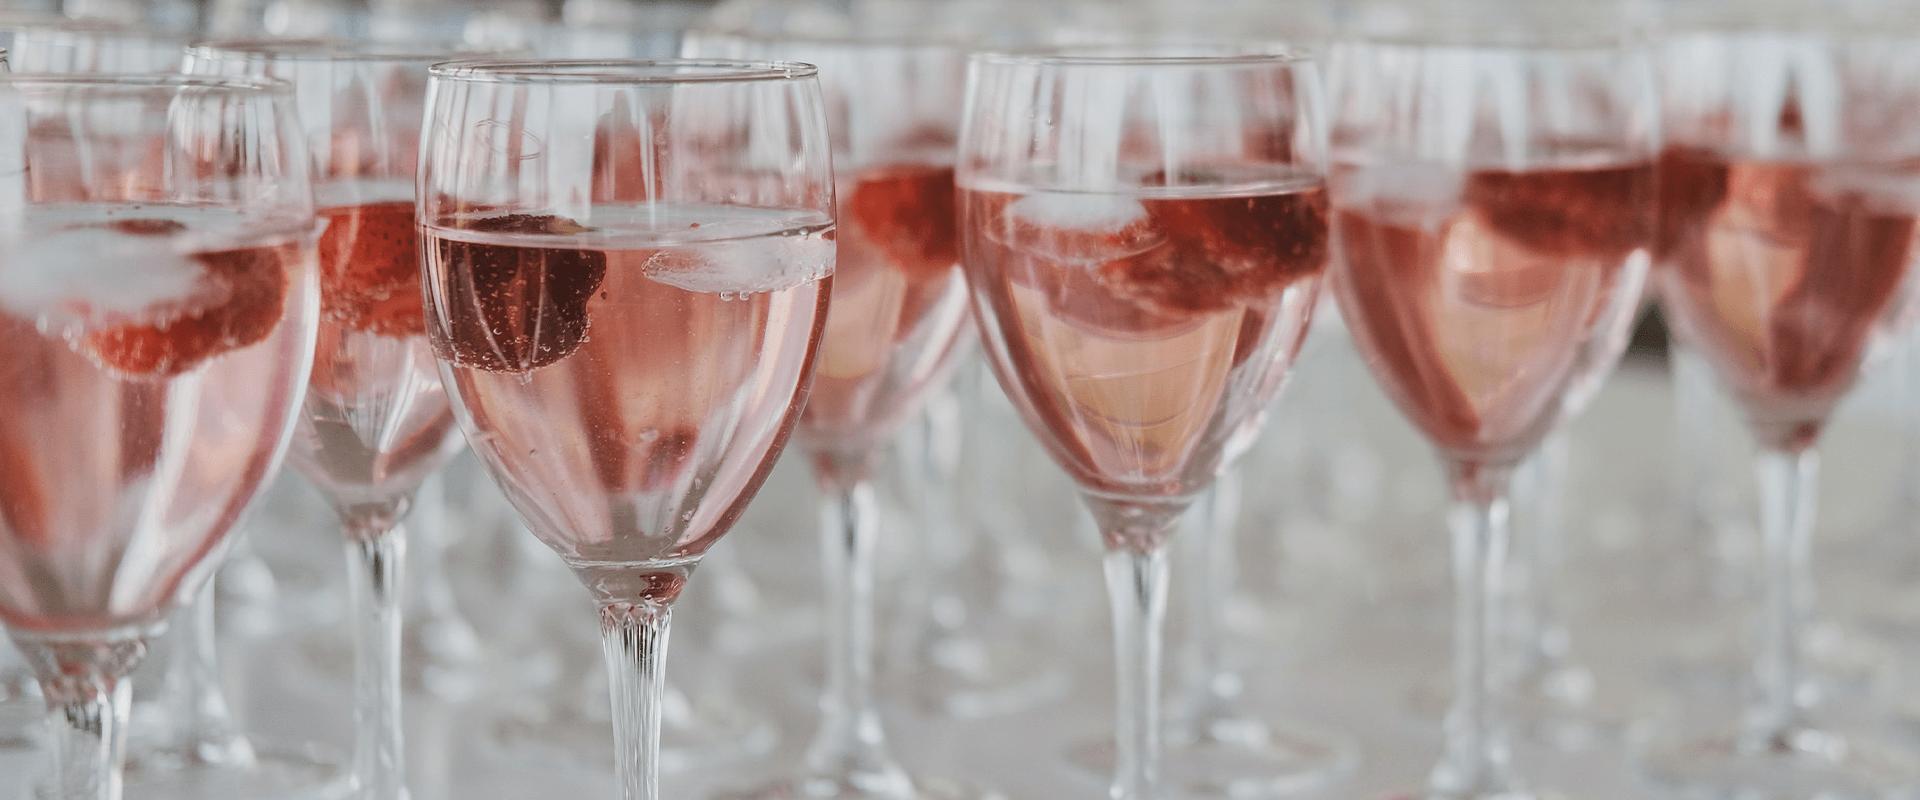 5 motivos para disfrutar del Rosé todo el año